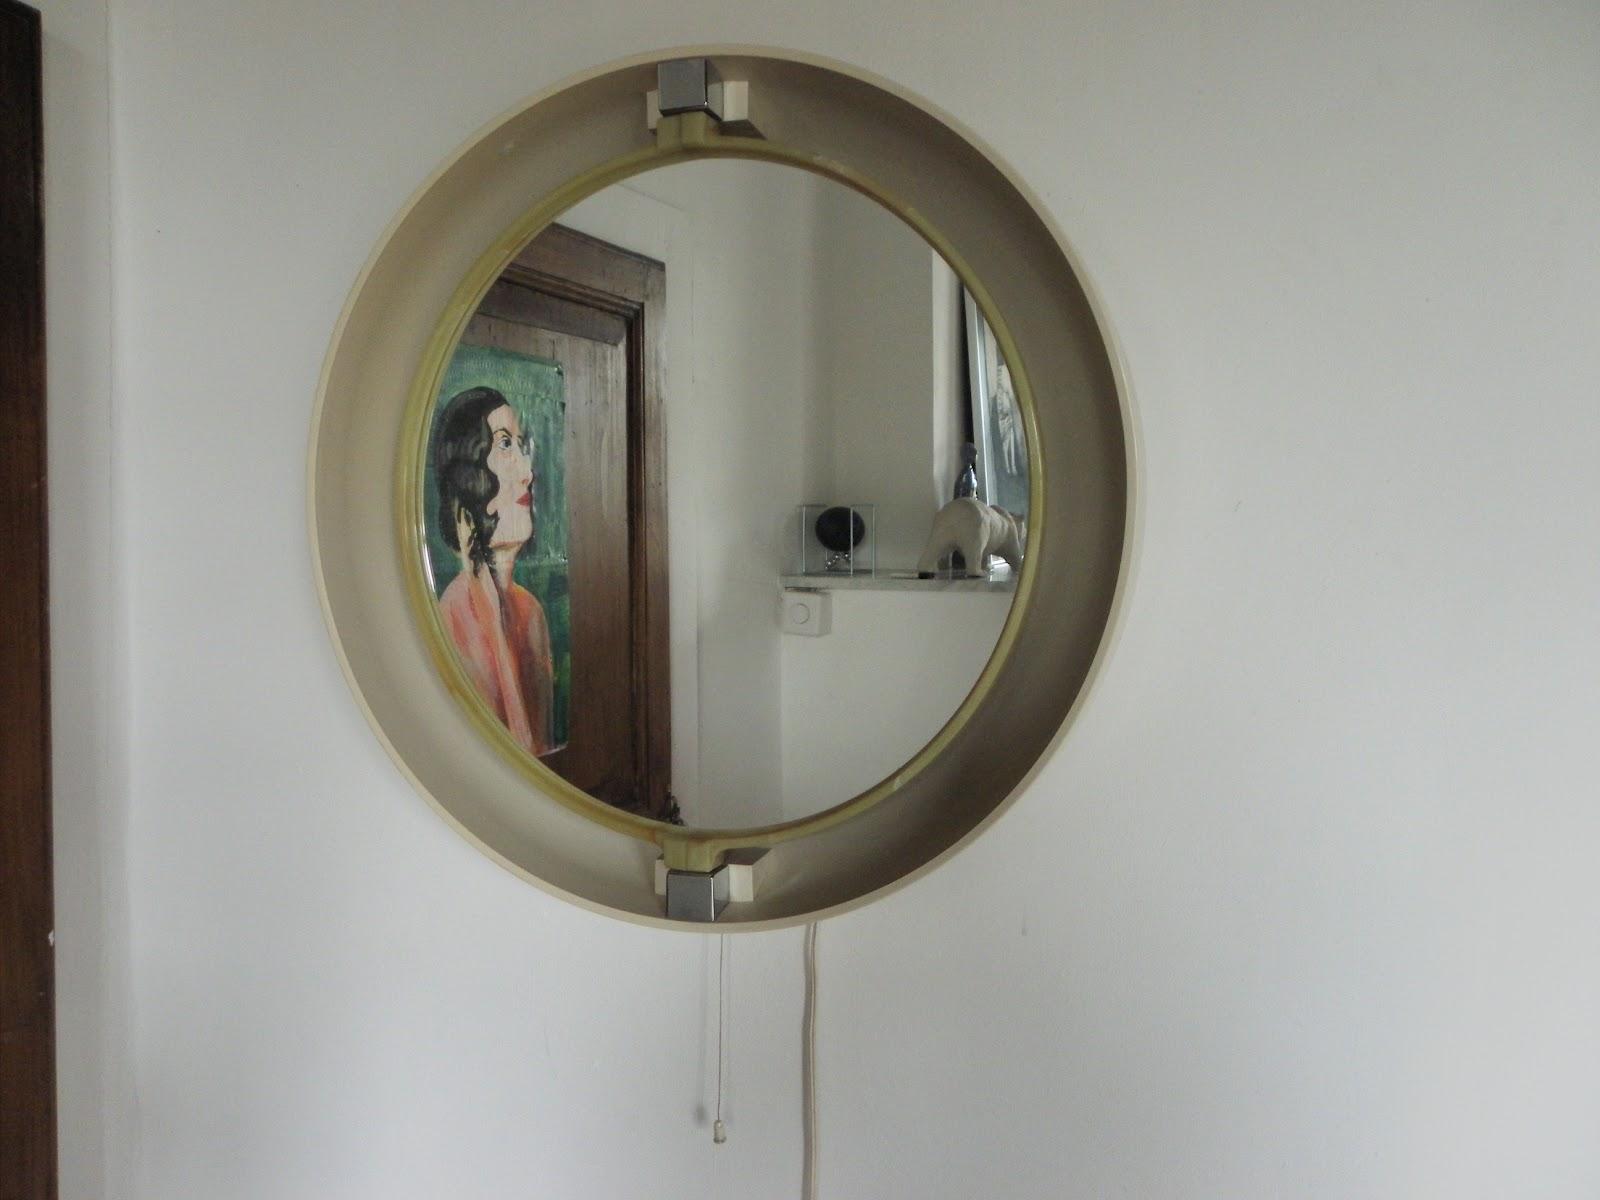 Lucie la chineuse miroir allibert ann e 70 for Miroir annee 70